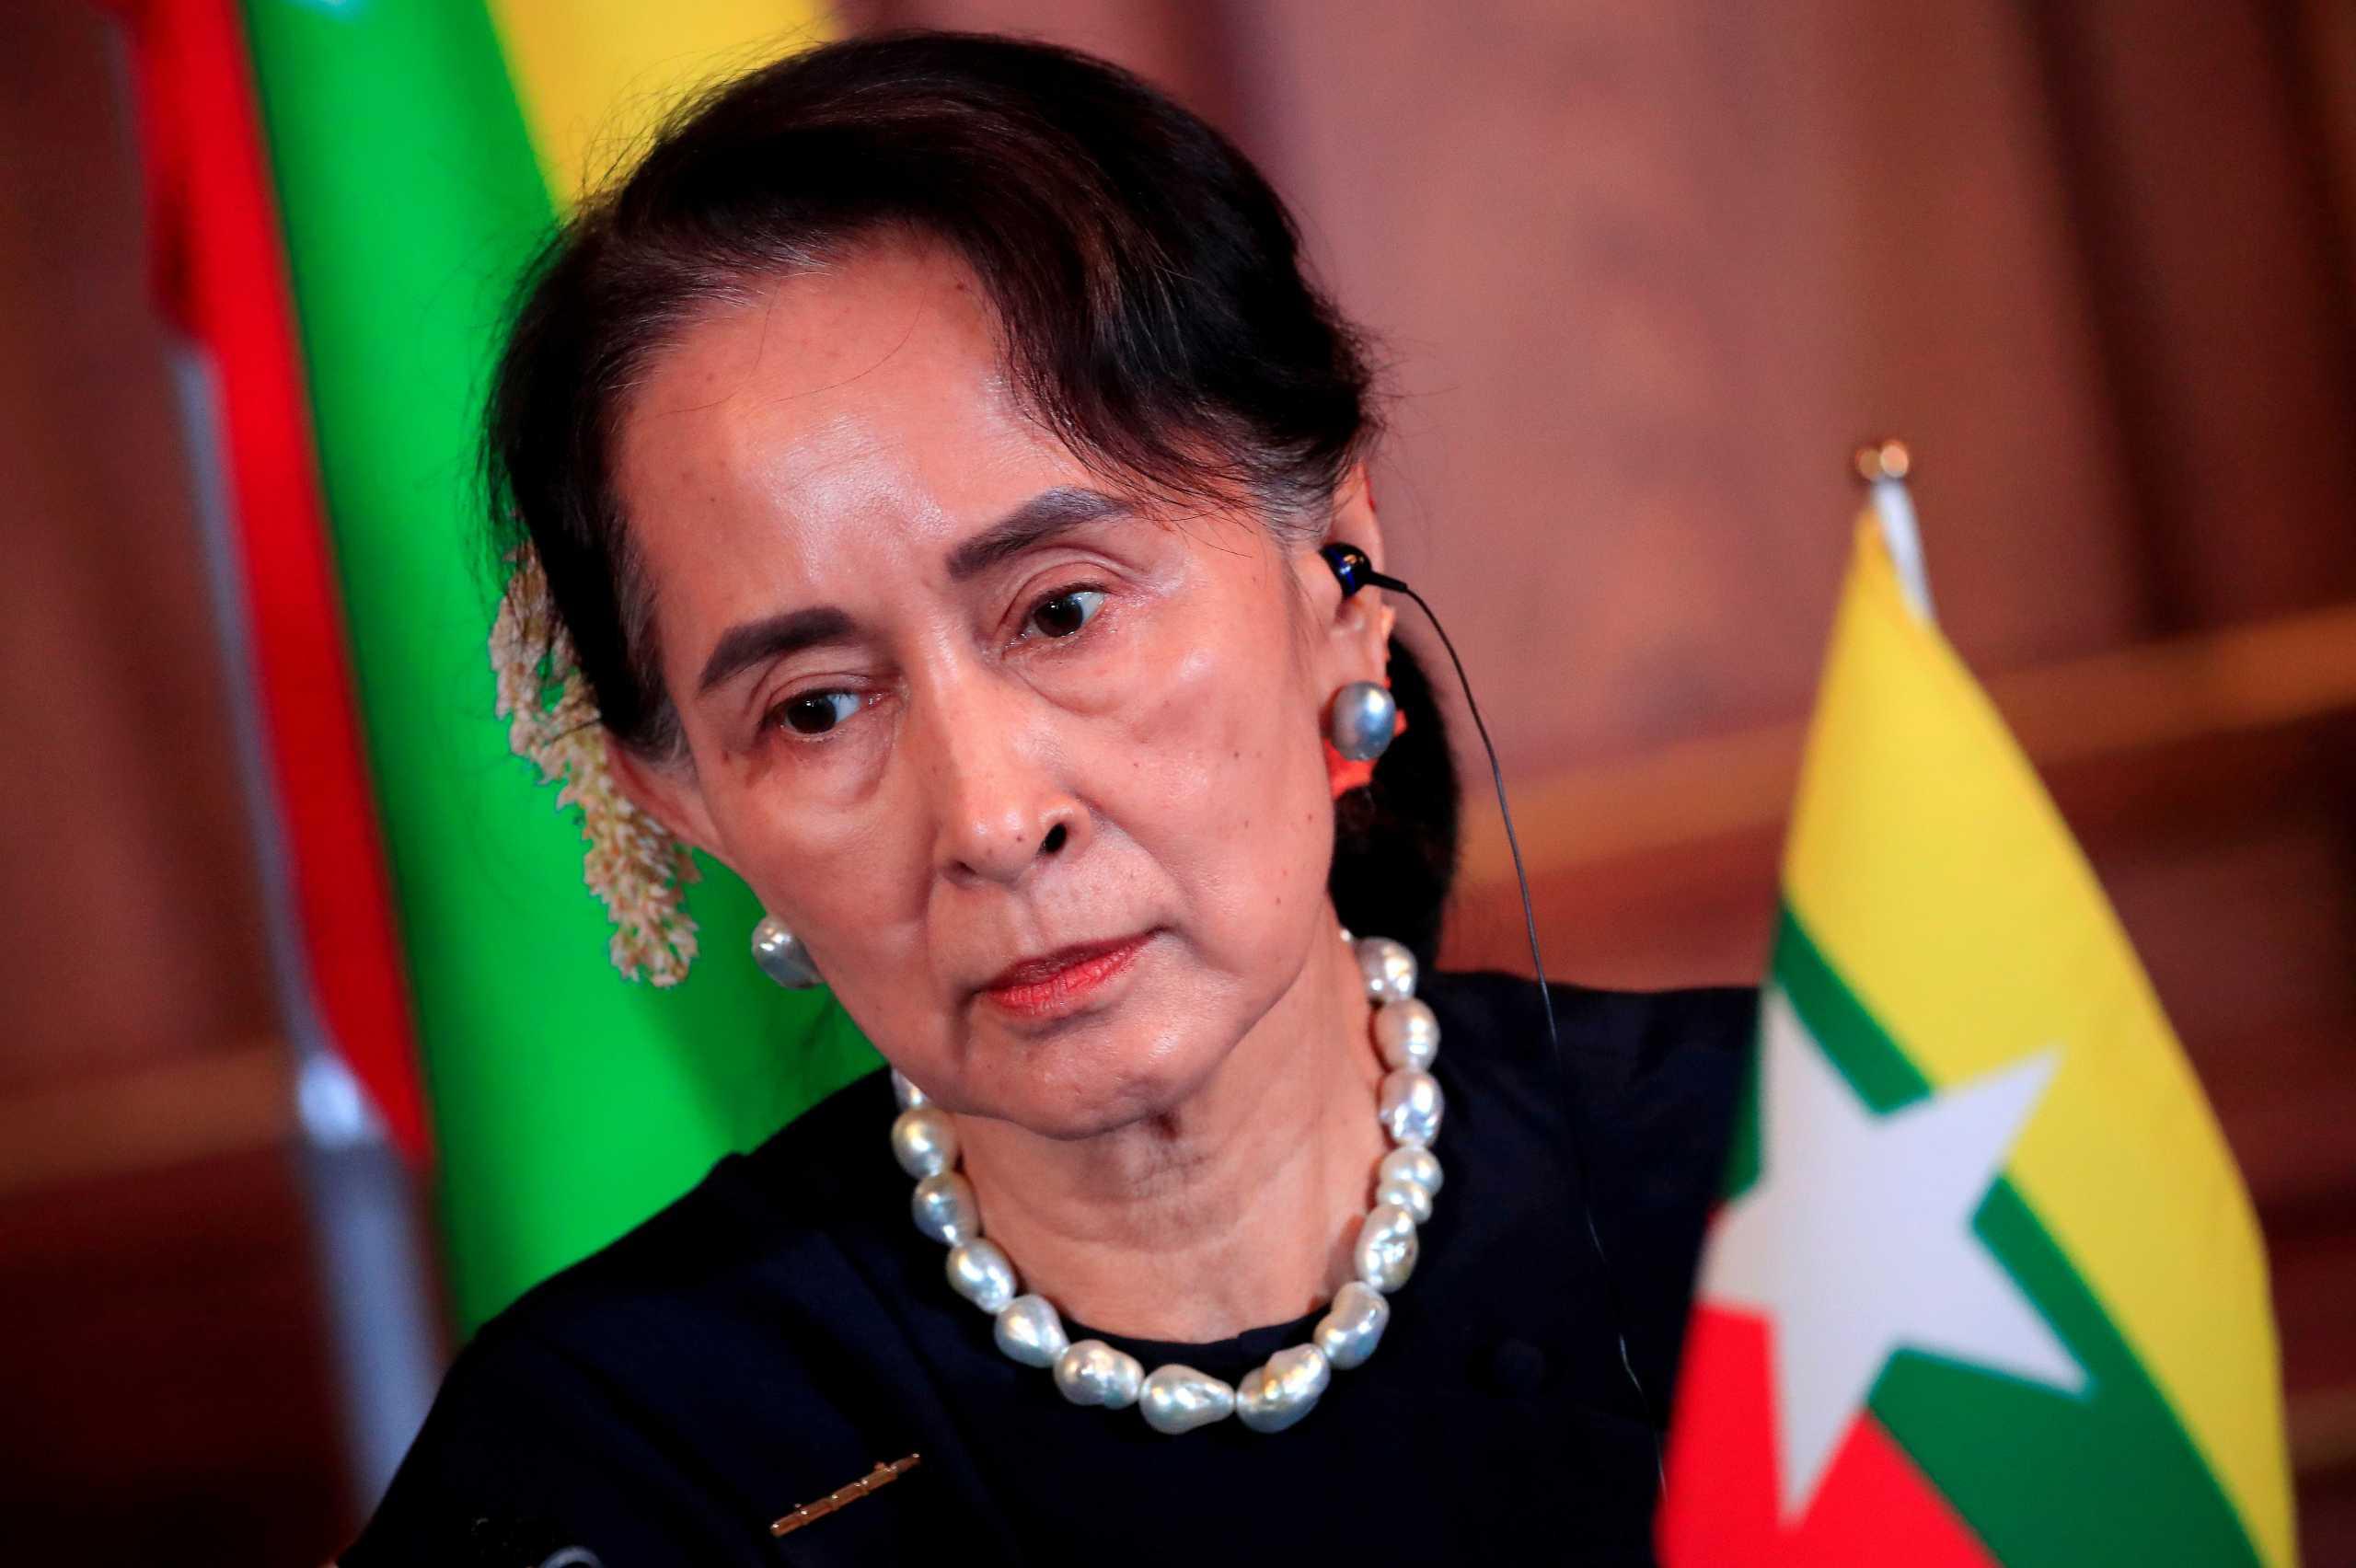 Μιανμάρ: Η Σου Τσι εμφανίστηκε για πρώτη φορά από το πραξικόπημα της 1ης Φεβρουαρίου